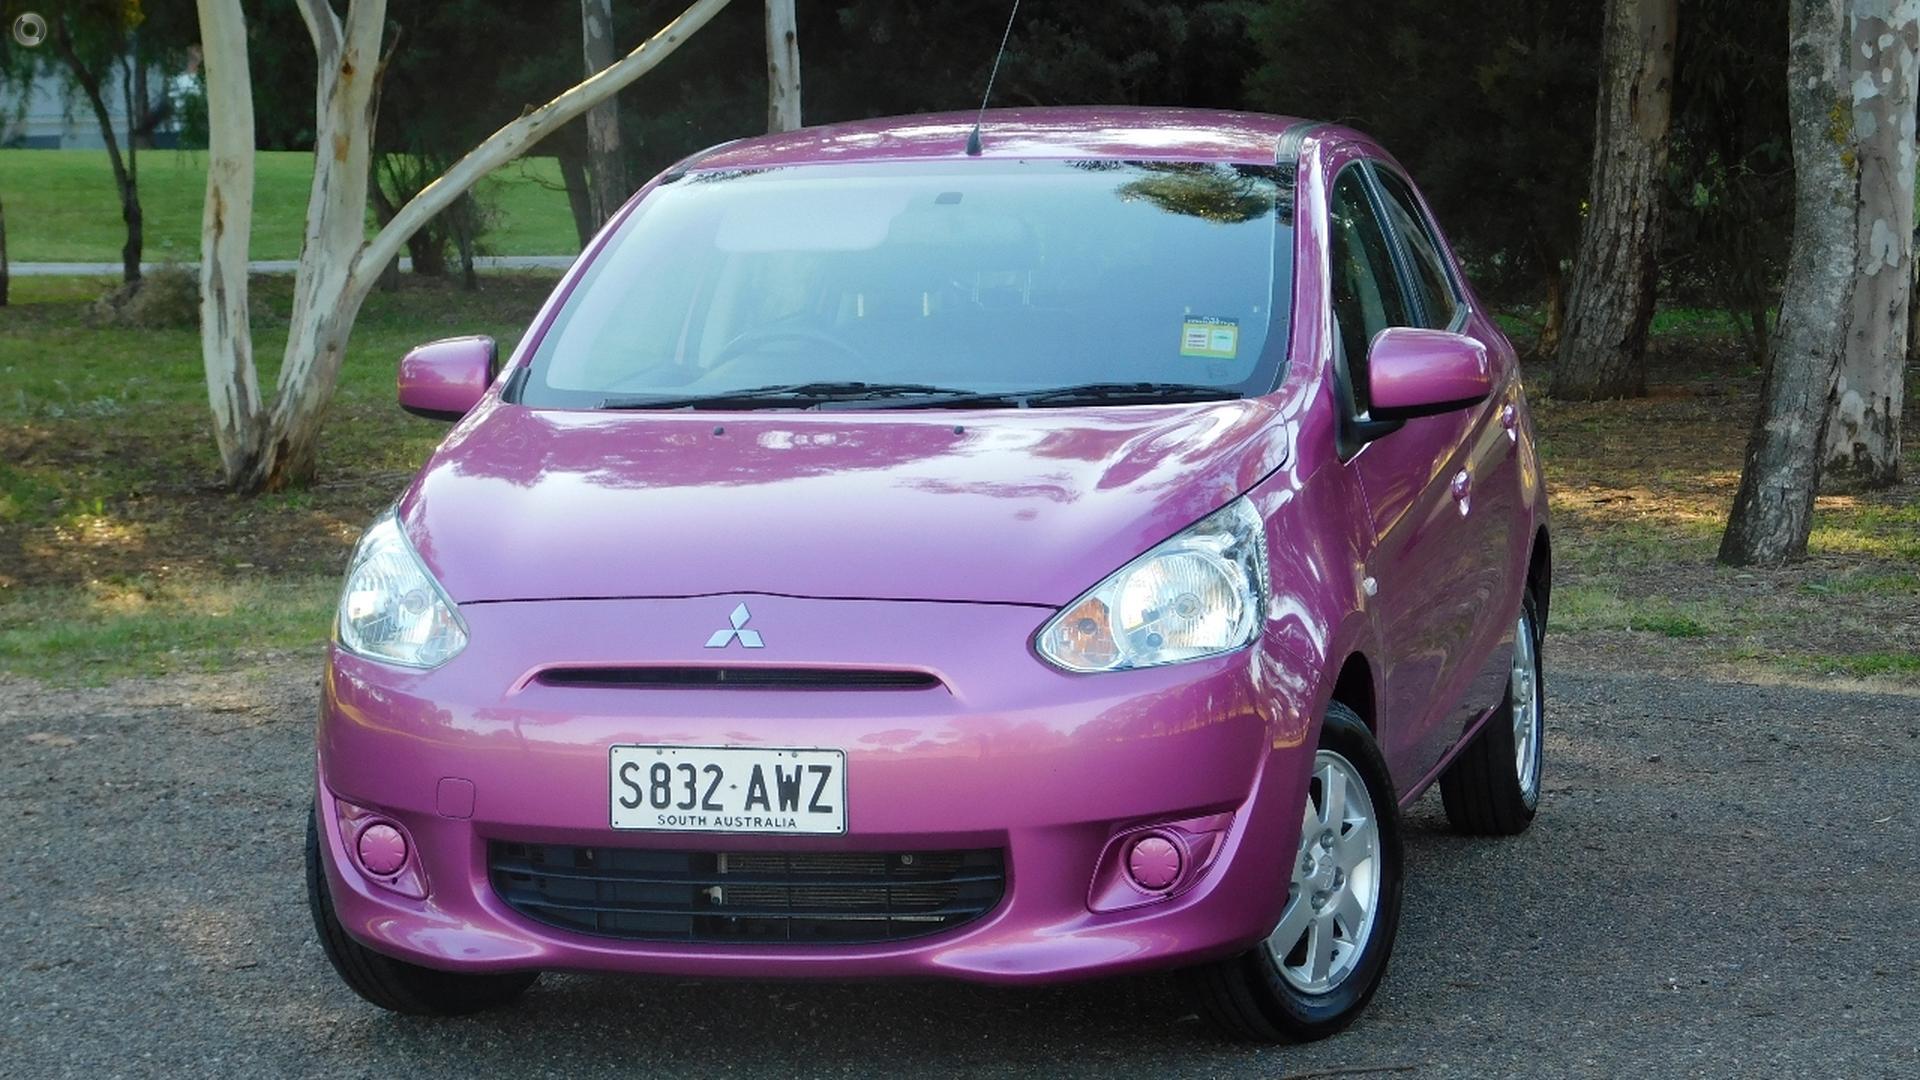 Murray mitsubishi used cars